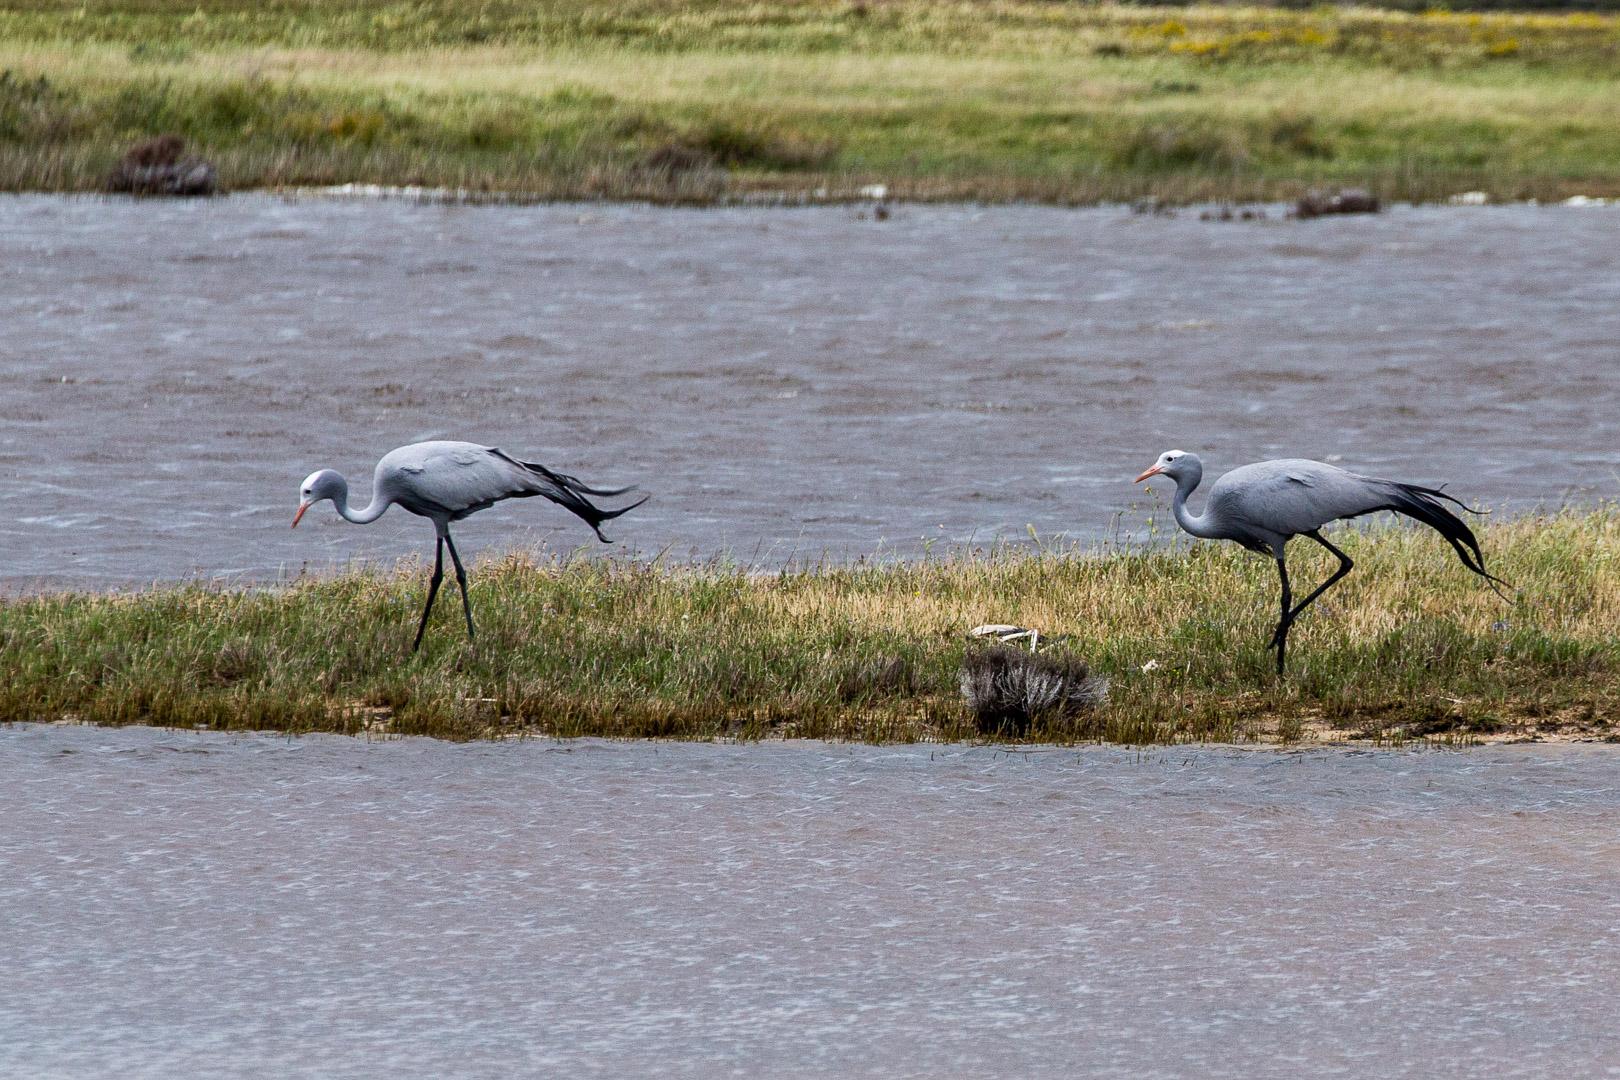 31.10. Cape Agulhas National Park. Paradieskraniche.